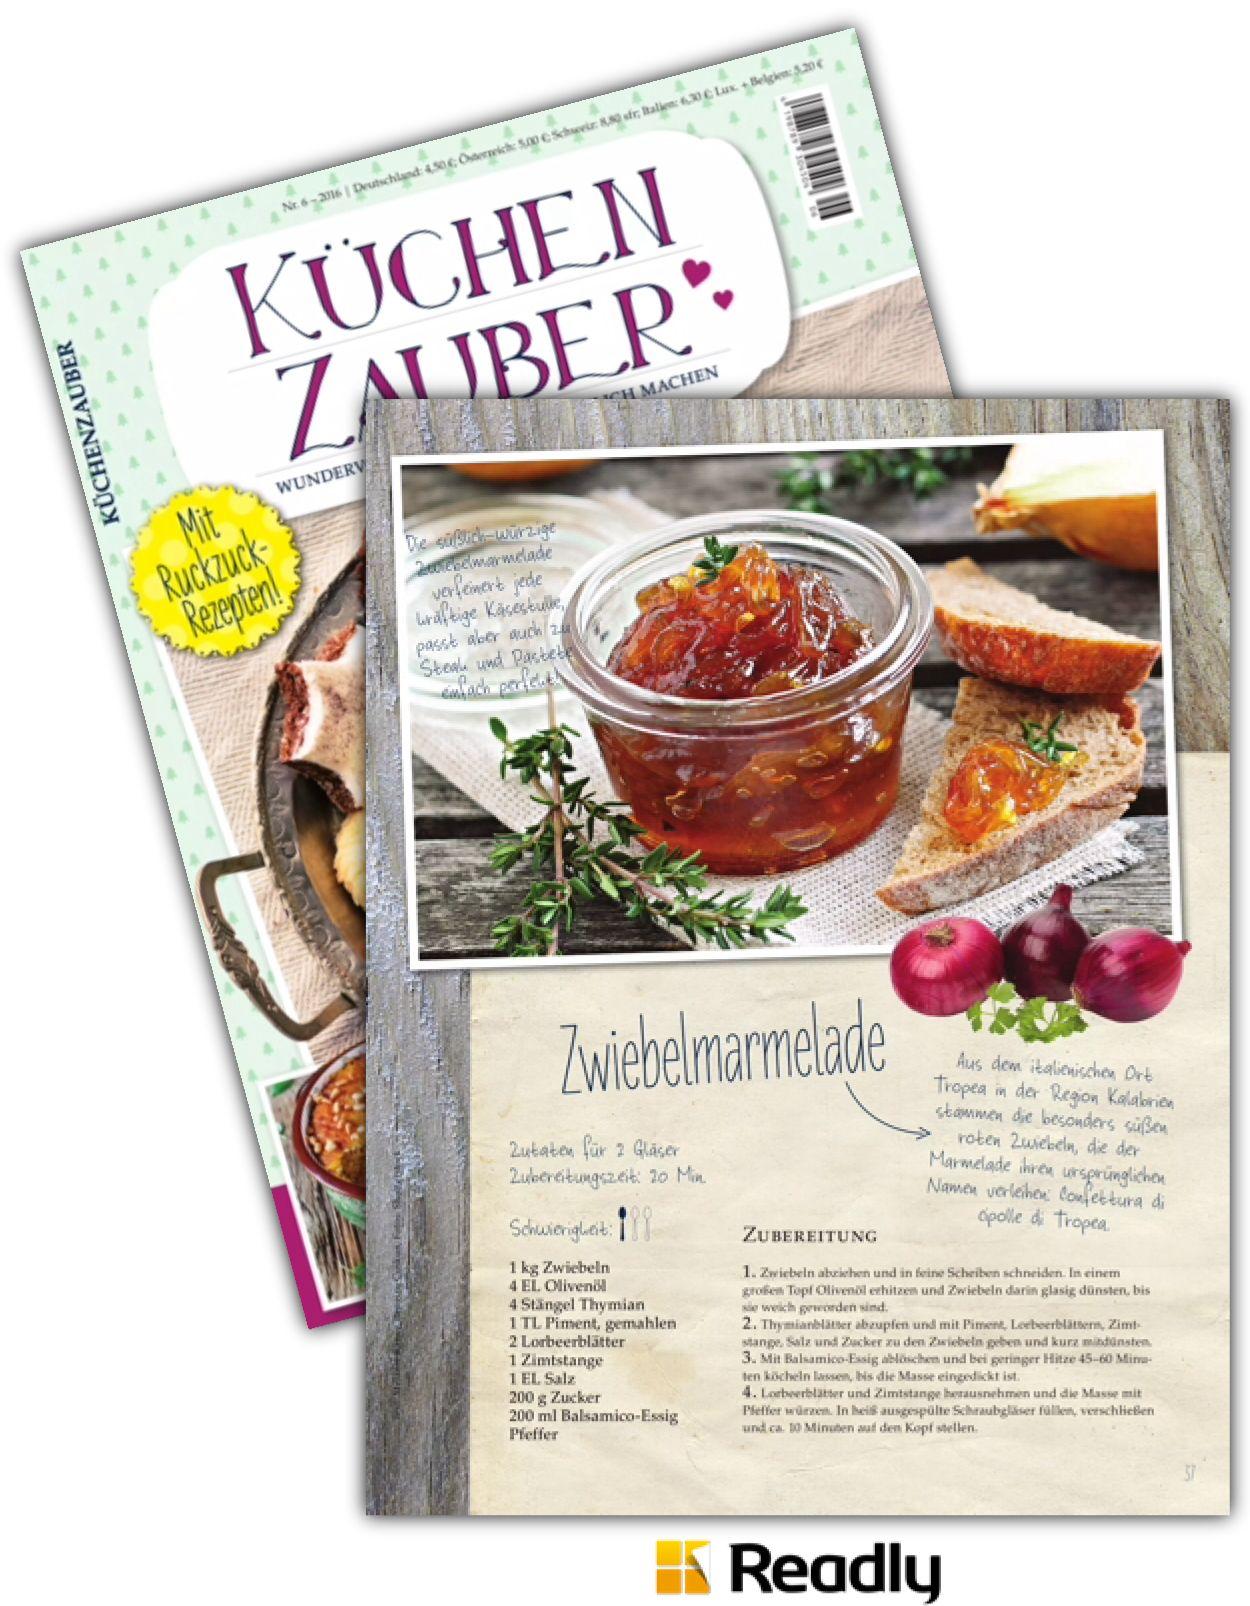 Vorschlag Zu Kuchenzauber 06 2016 Seite 37 Zubereitung Zwiebelmarmelade Das Auge Isst Mit